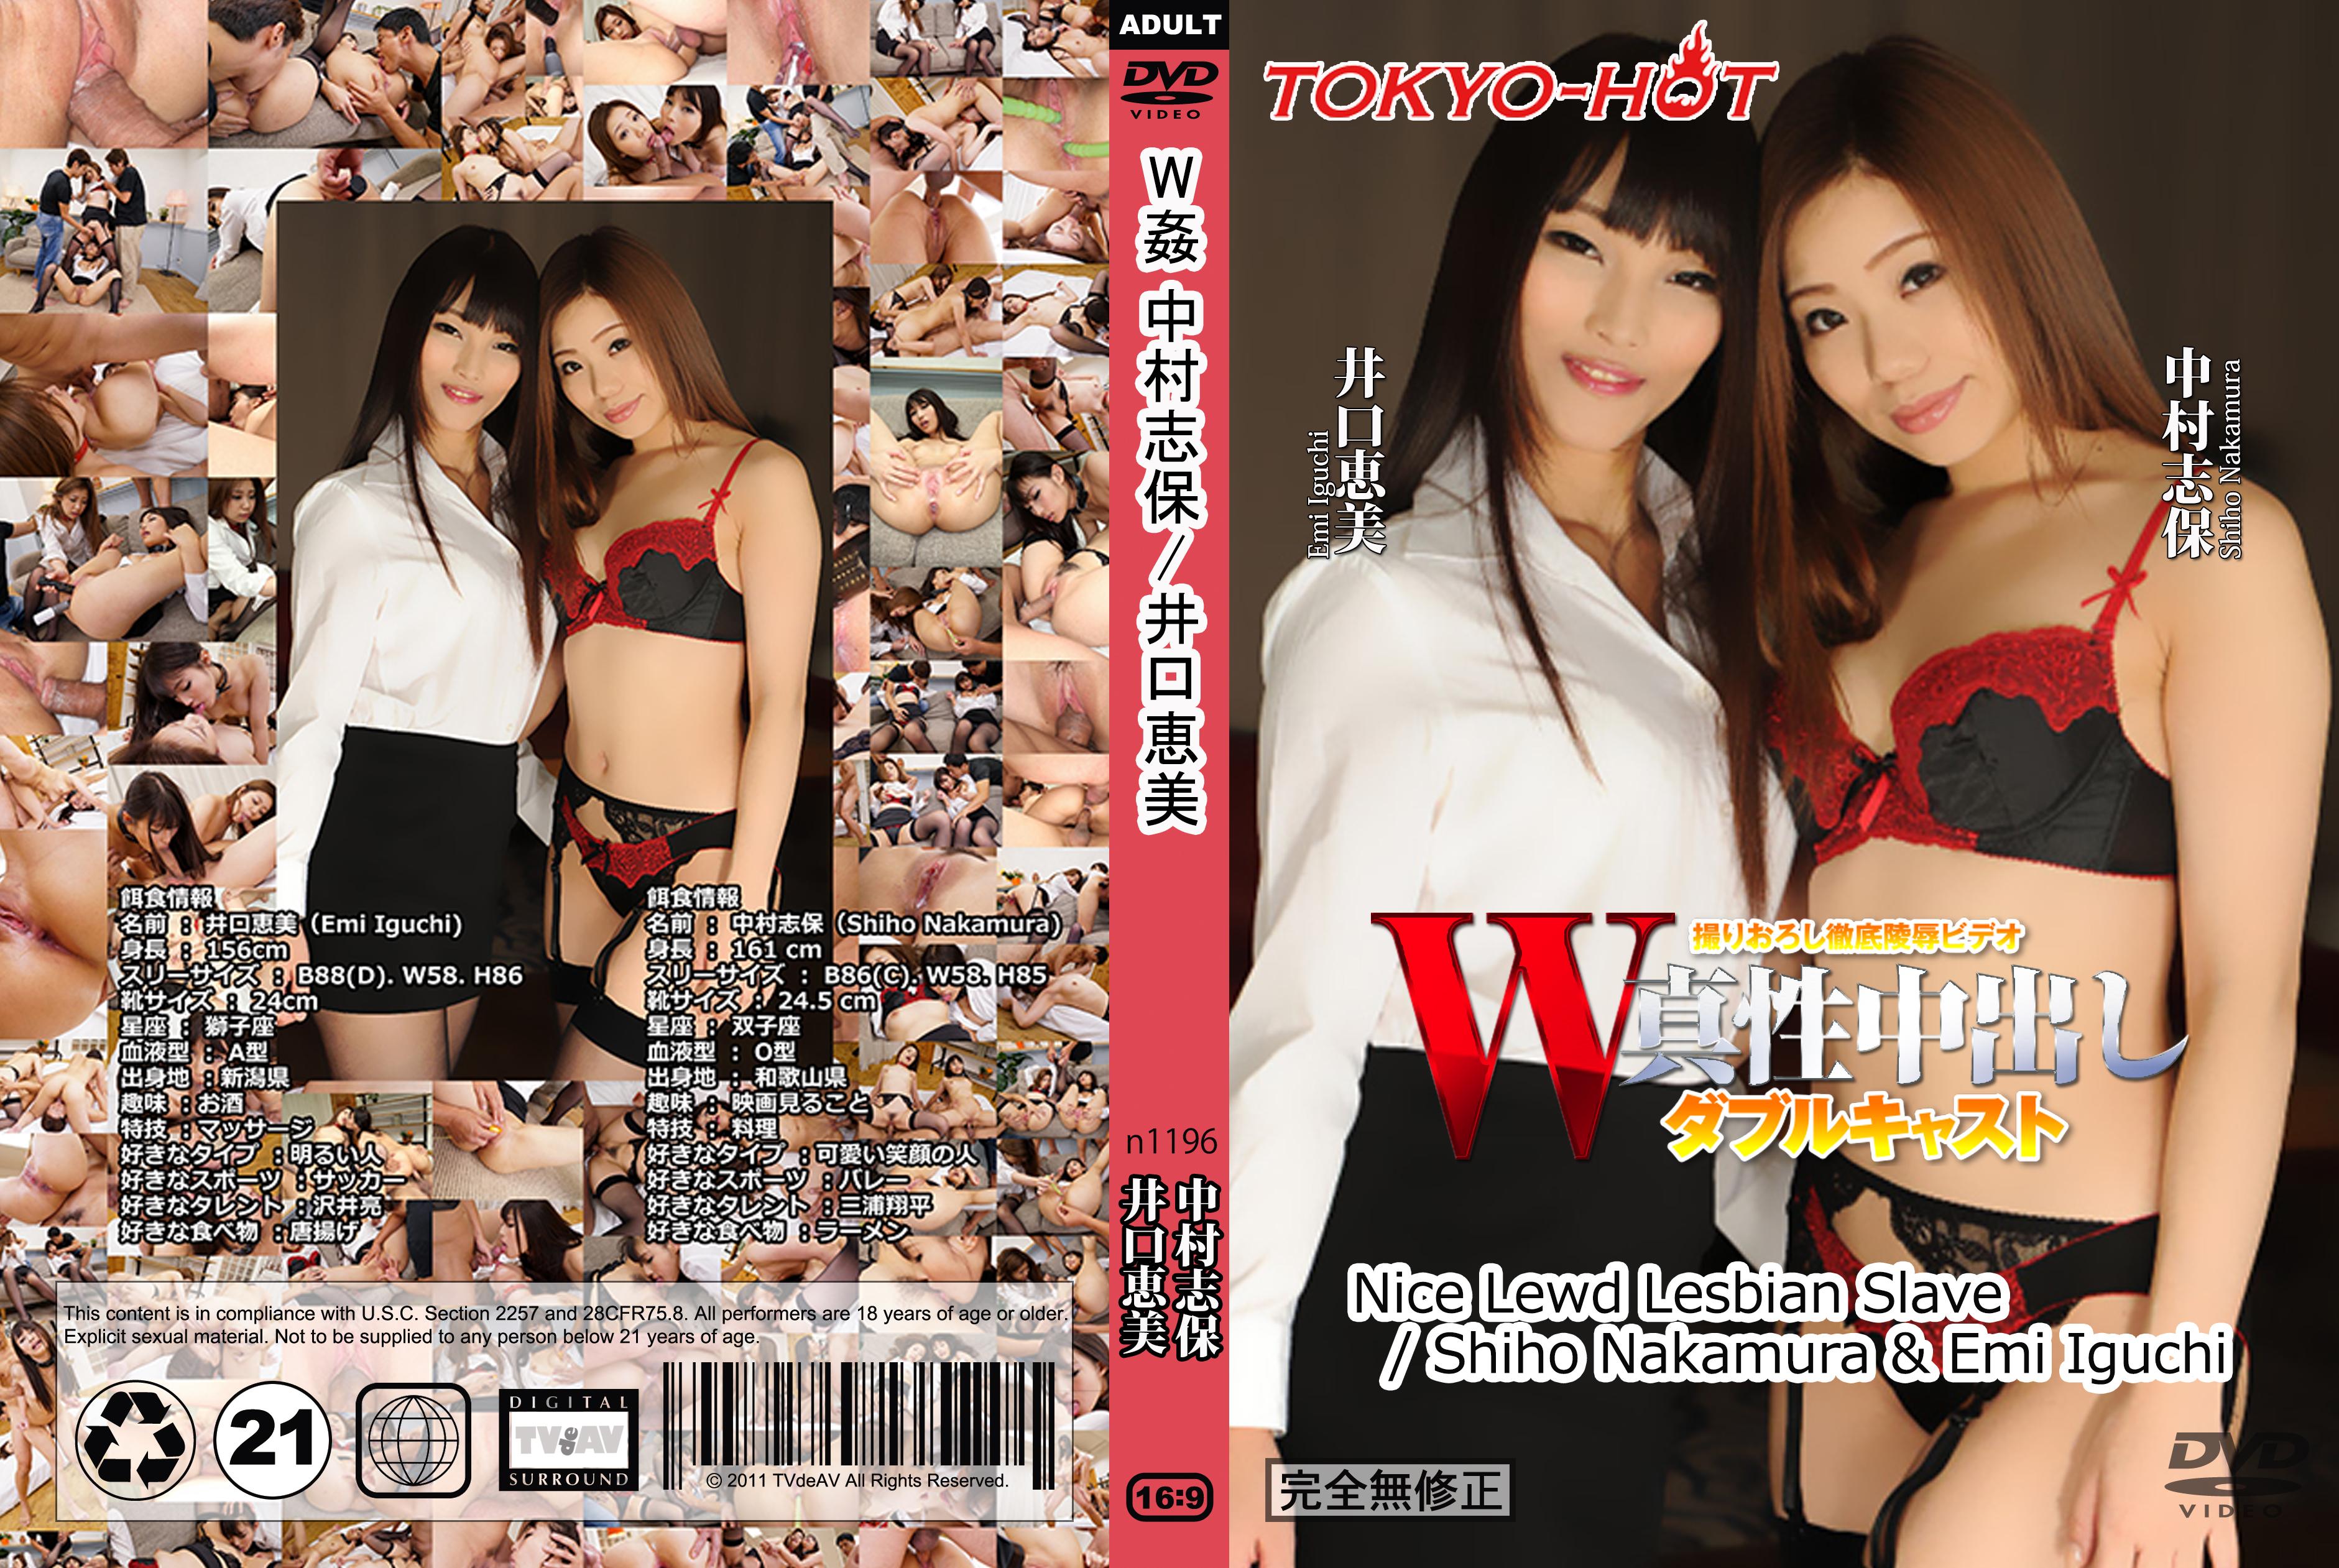 Nice Lewd Lesbian Slave Emi Iguchi